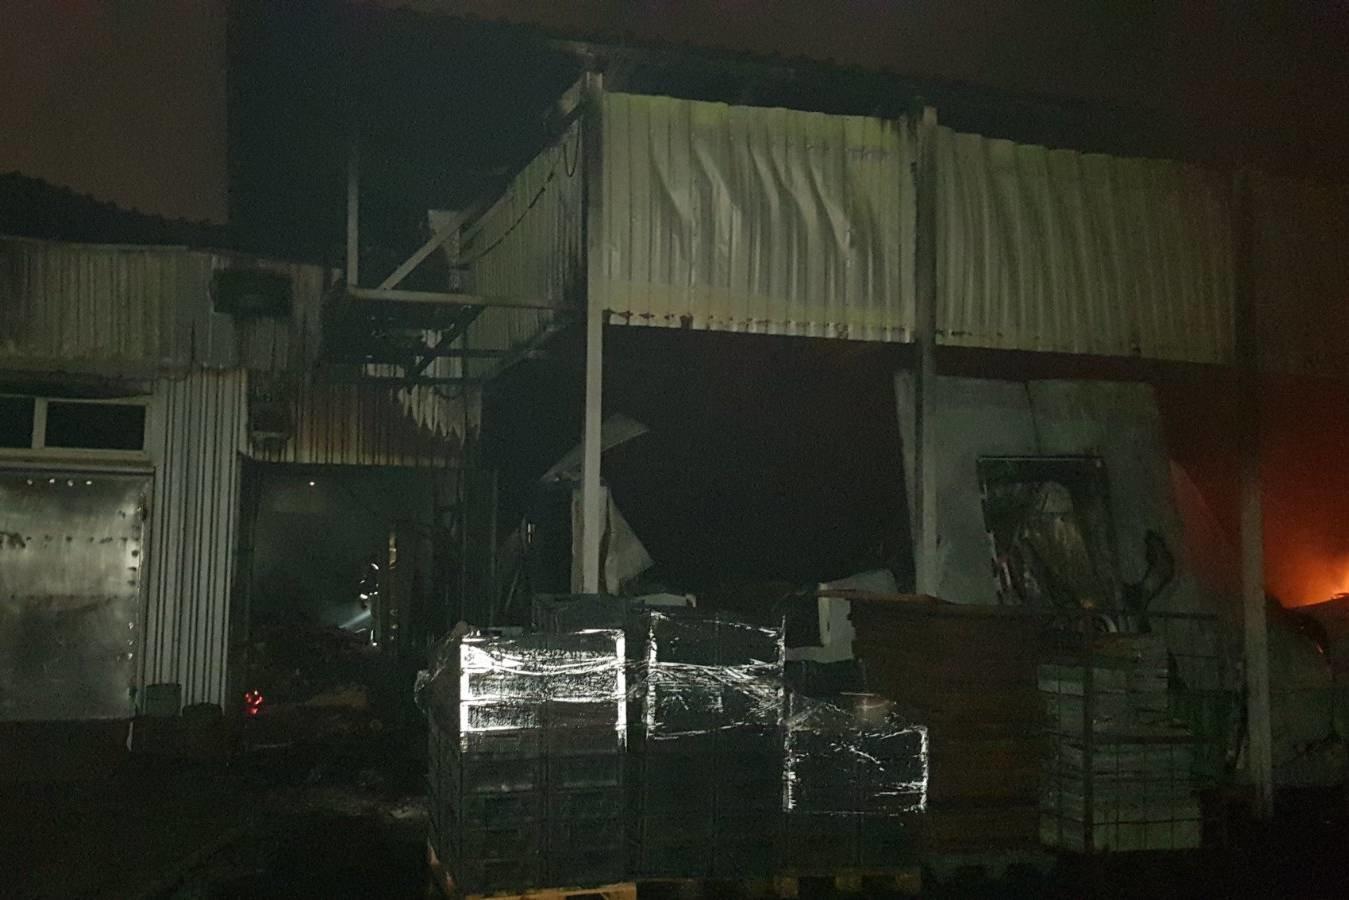 В Харькове спасатели несколько часов тушили масштабный пожар на складе копченной рыбы, - ФОТО, фото-1